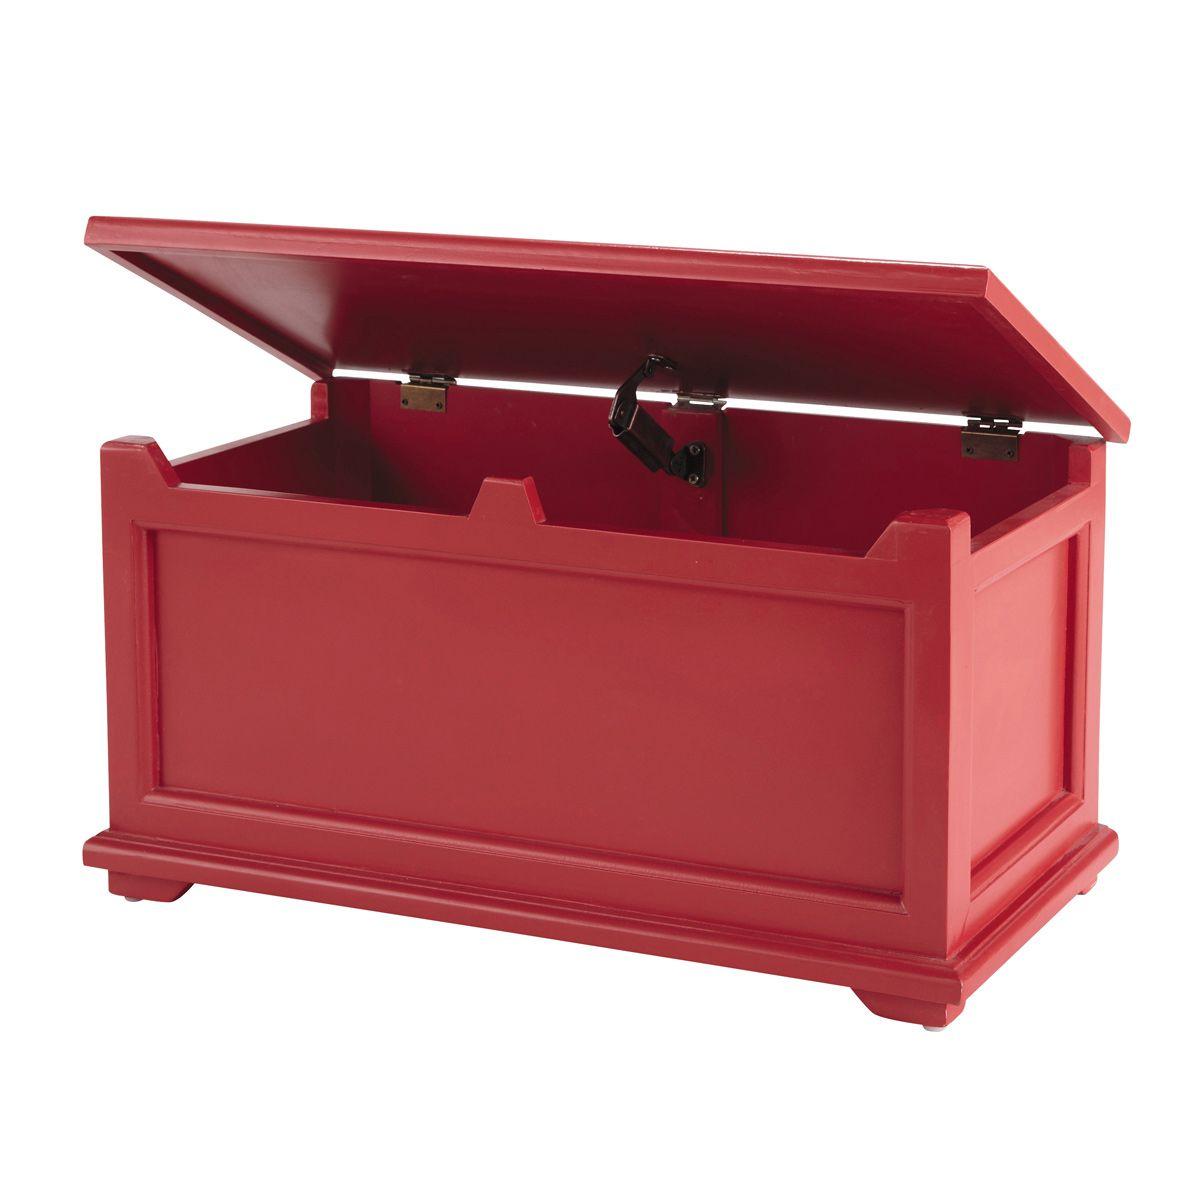 fabulous coffre enfant rouge coccinelle maisons du monde ...